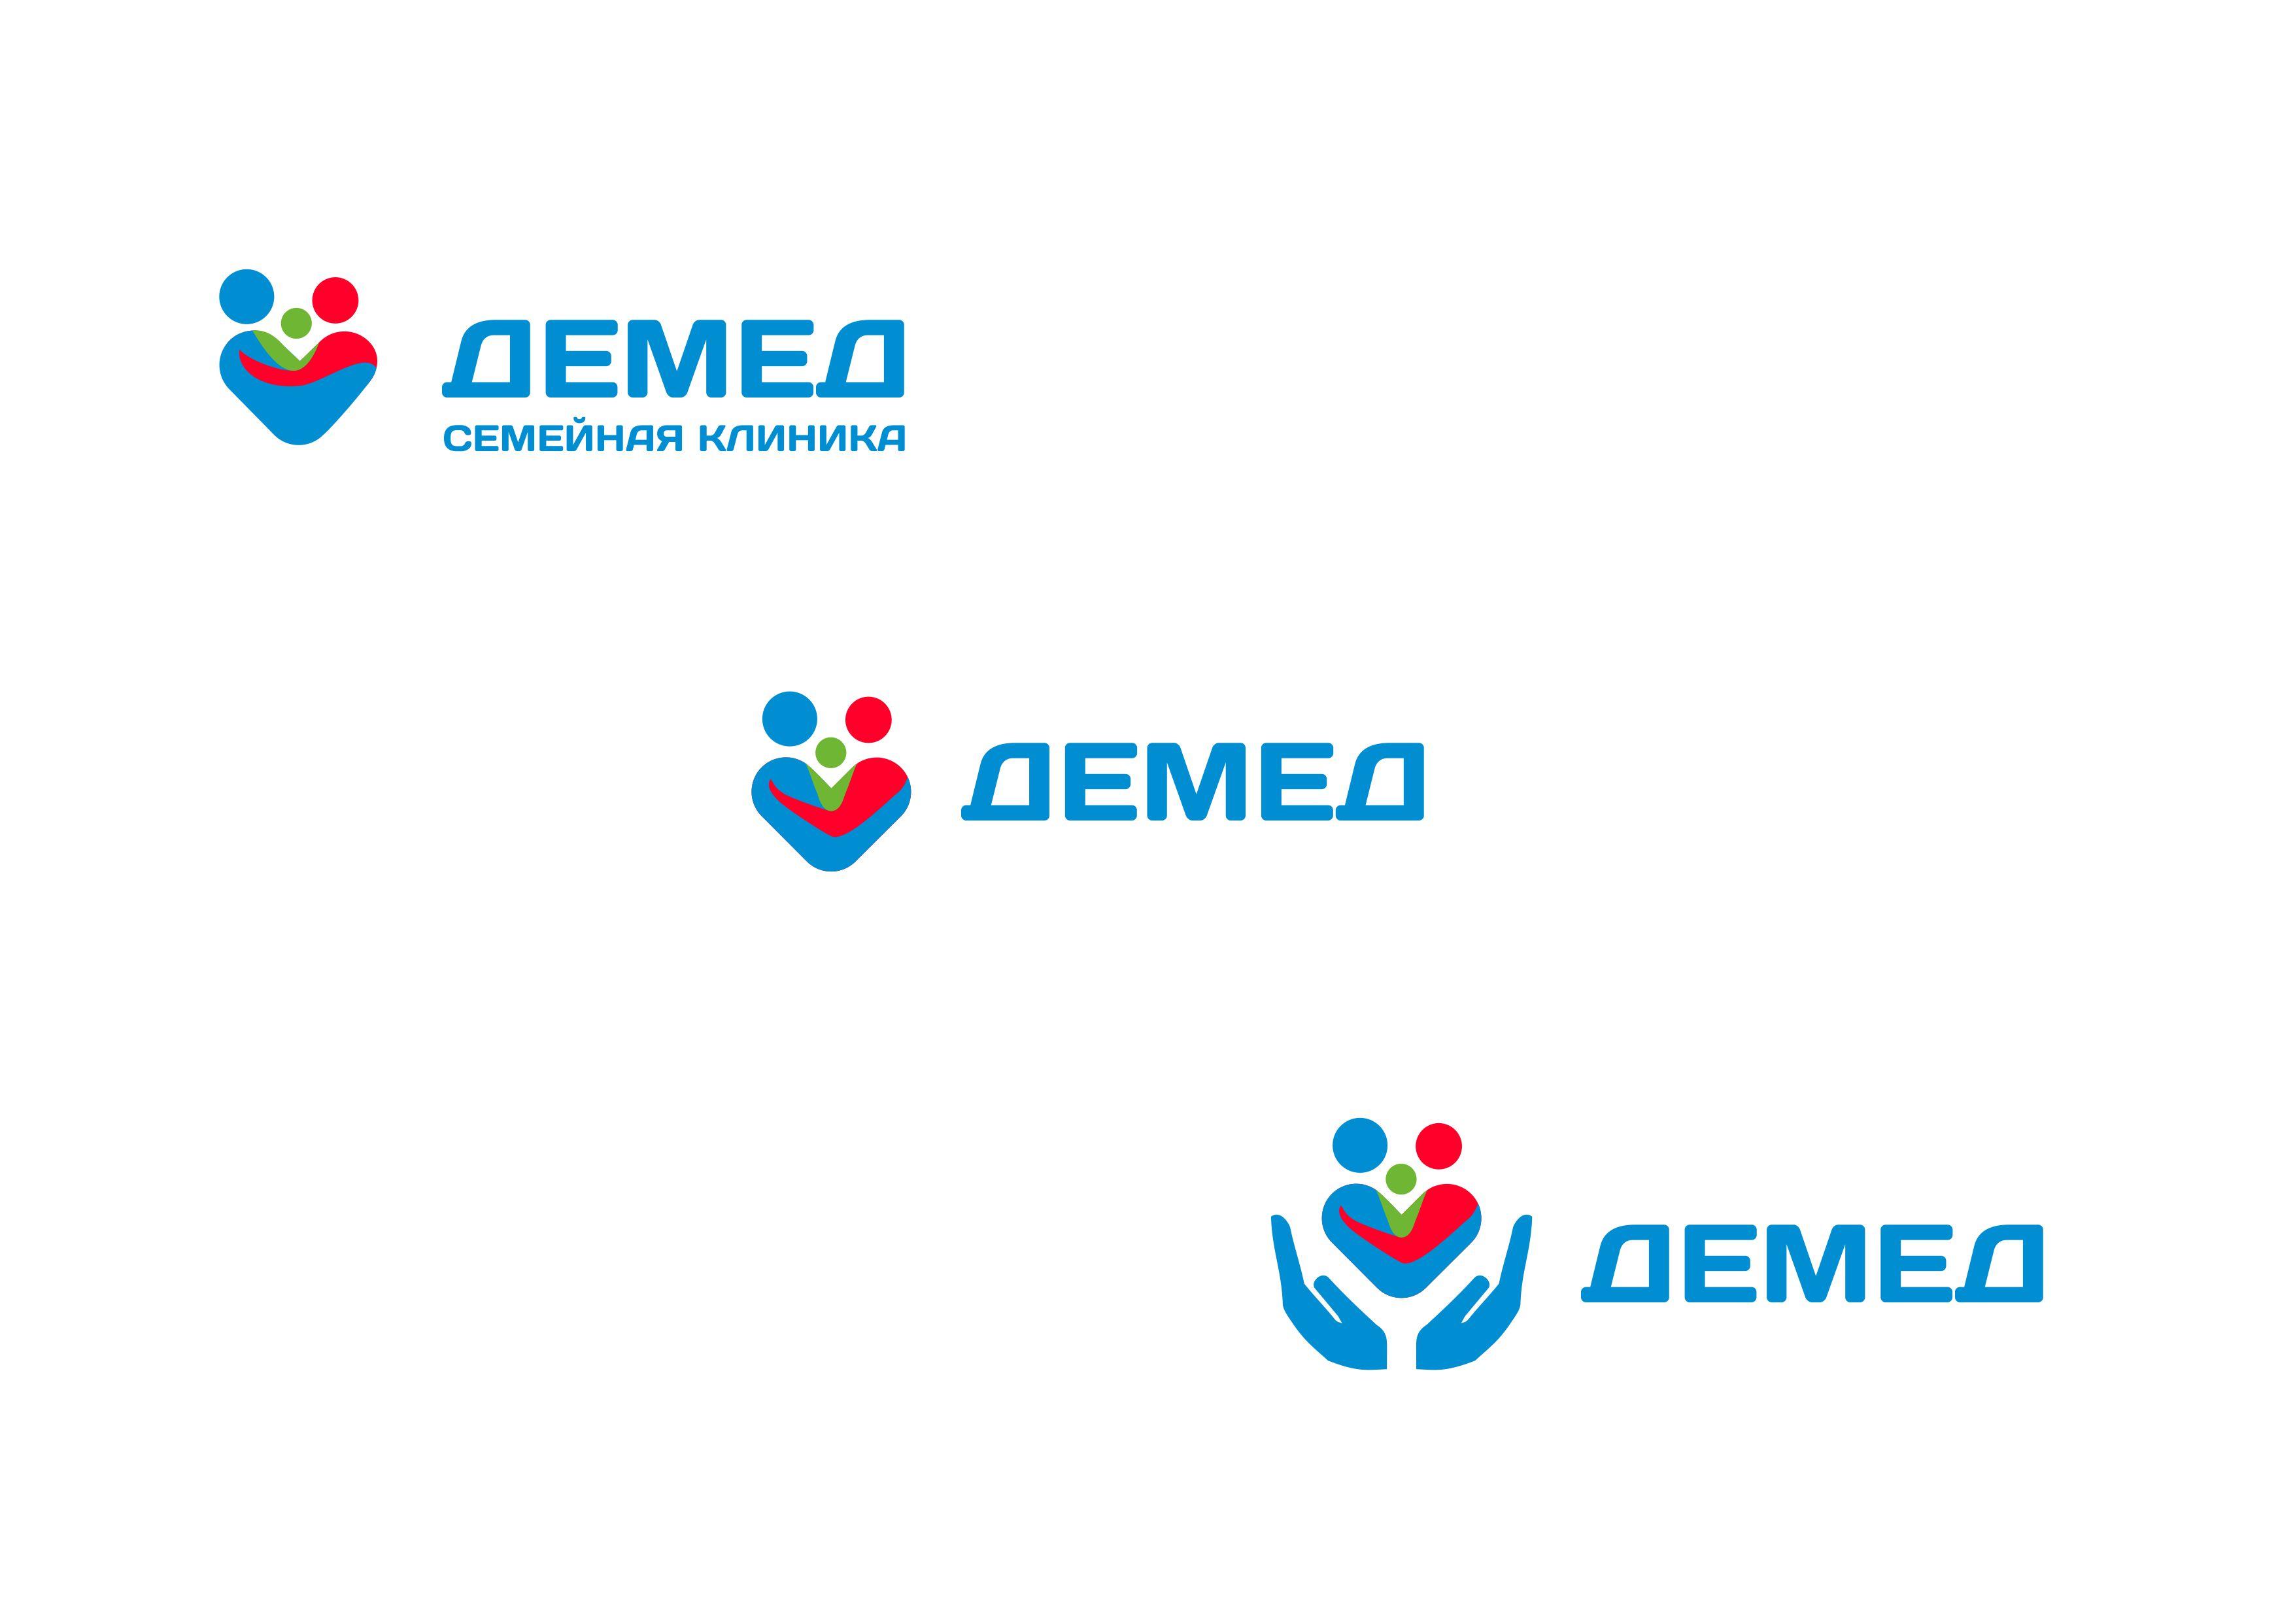 Логотип медицинского центра фото f_5105dcf0e9136d01.jpg